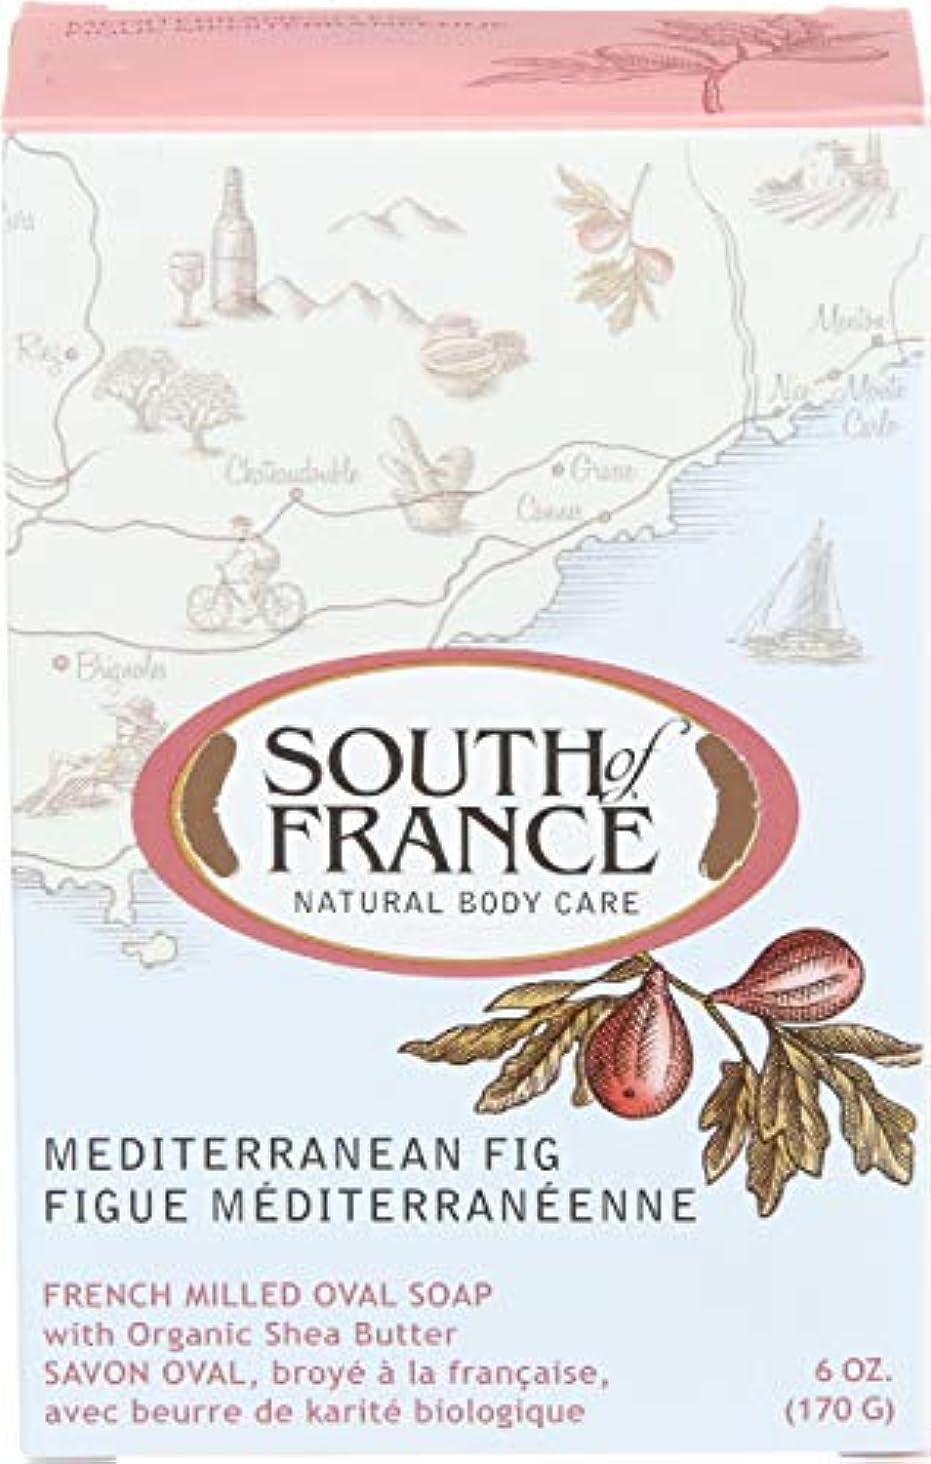 シリーズ評価可能憎しみSouth of France - フランスの製粉された野菜棒石鹸の内陸のイチジク - 6ポンド